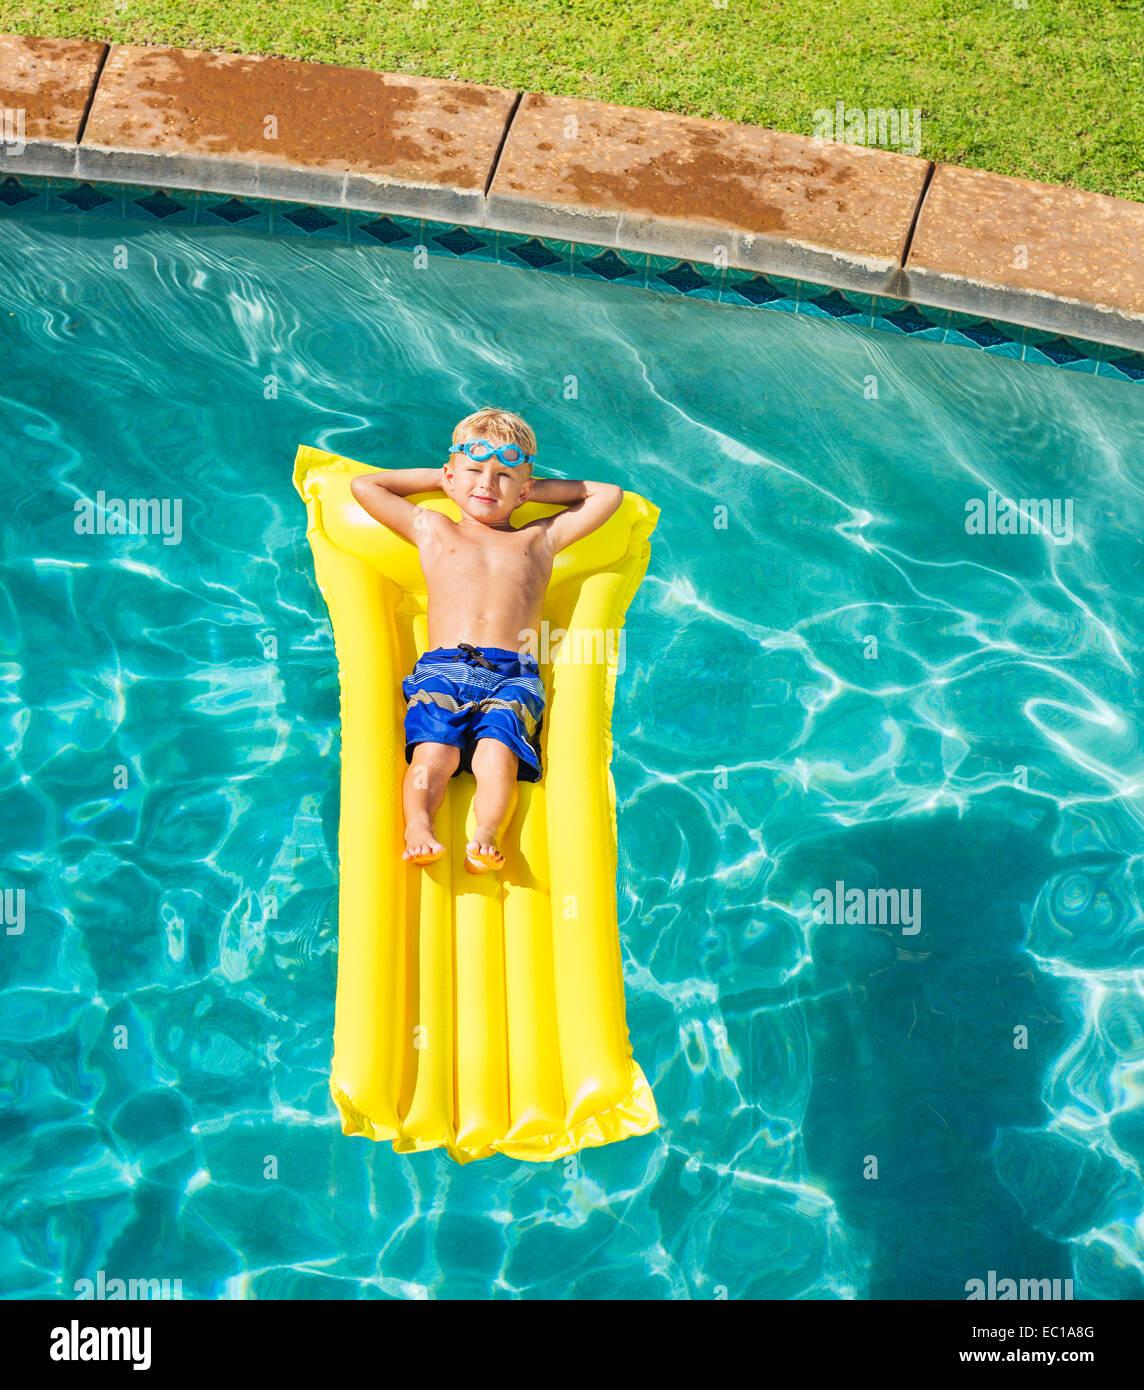 Junge, Entspannung und Spaß im Schwimmbad auf gelben Floß. Sommer Urlaub Spaß. Entspannten Lifestyle Stockbild